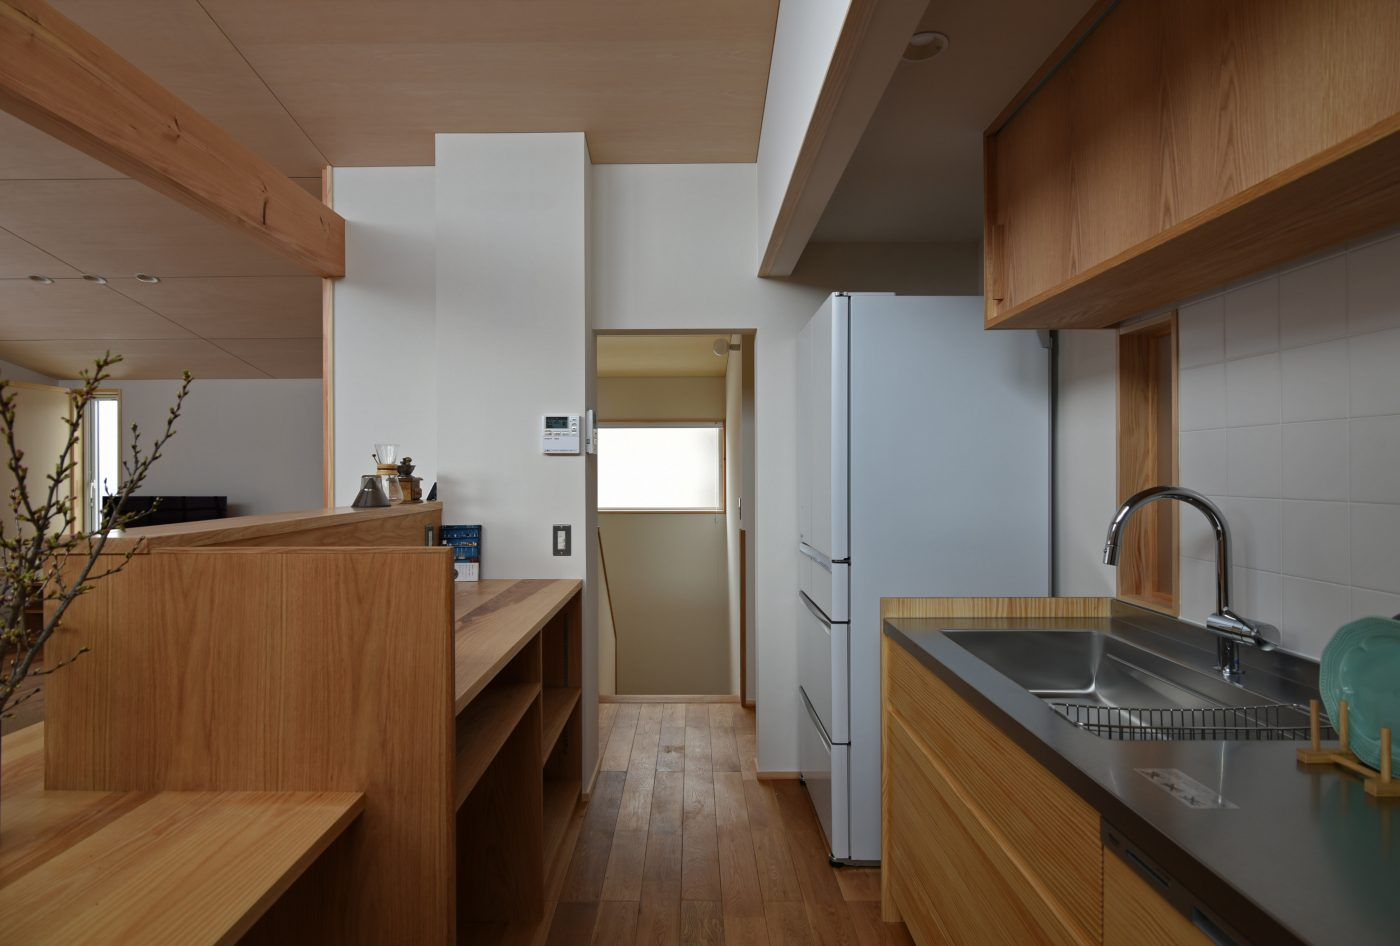 狭小地に建つコンパクトな二階リビング「加茂の家」